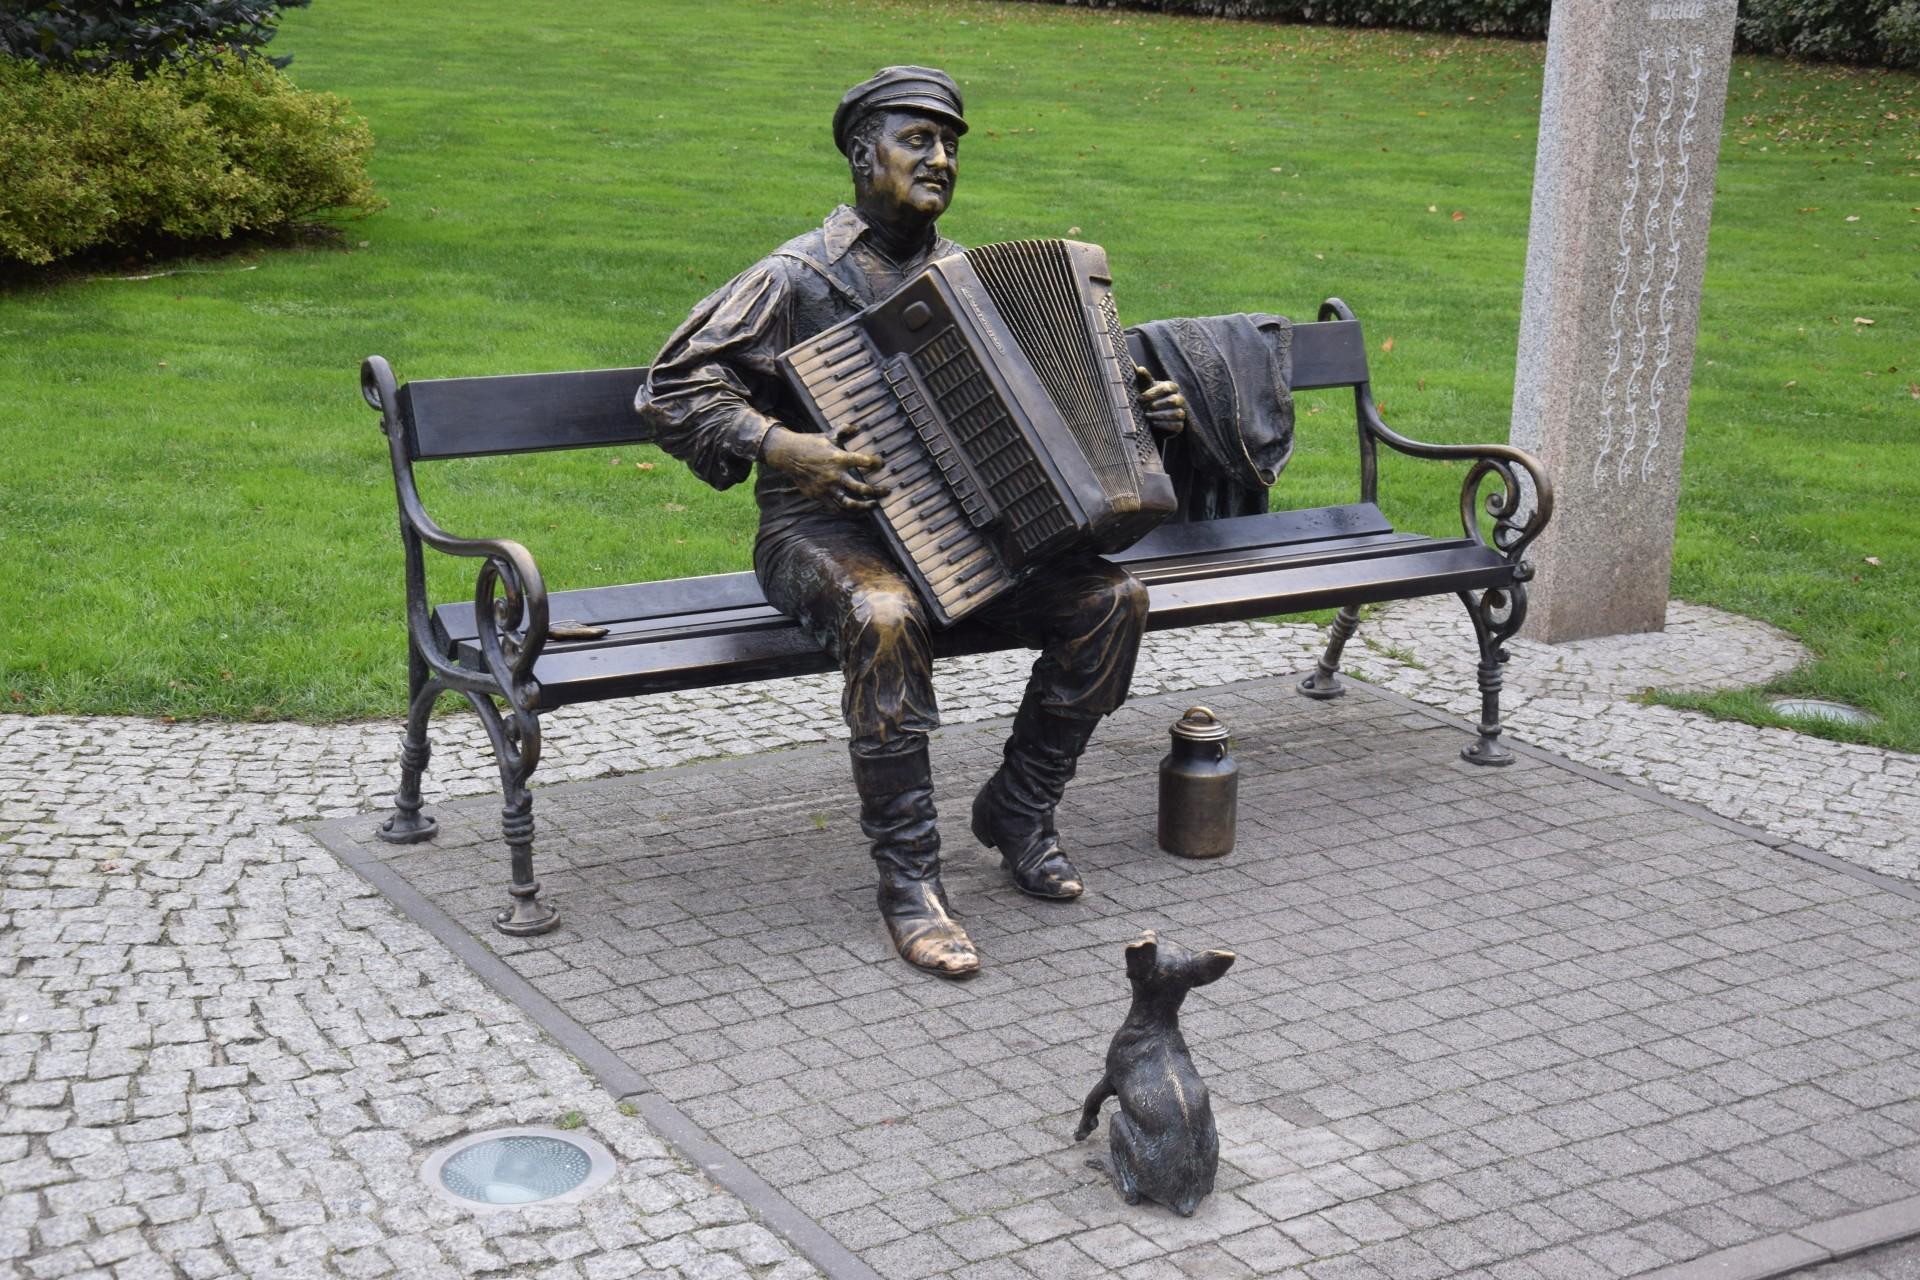 Foki w parku w Wejherowie. To dobry pomysł? 2